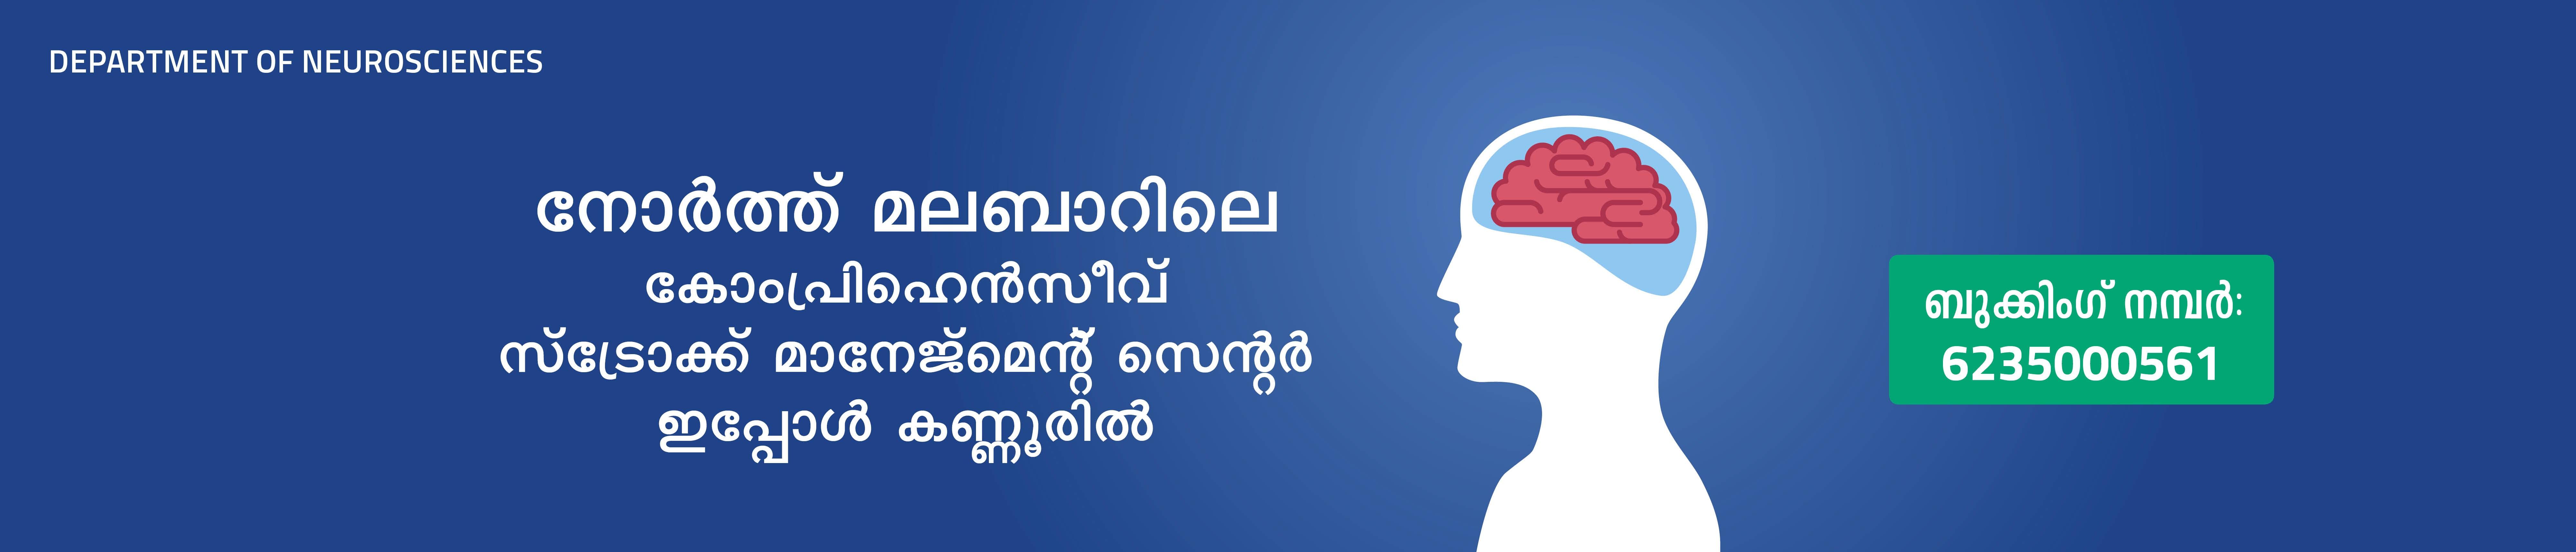 Dept-of-Neurosciences